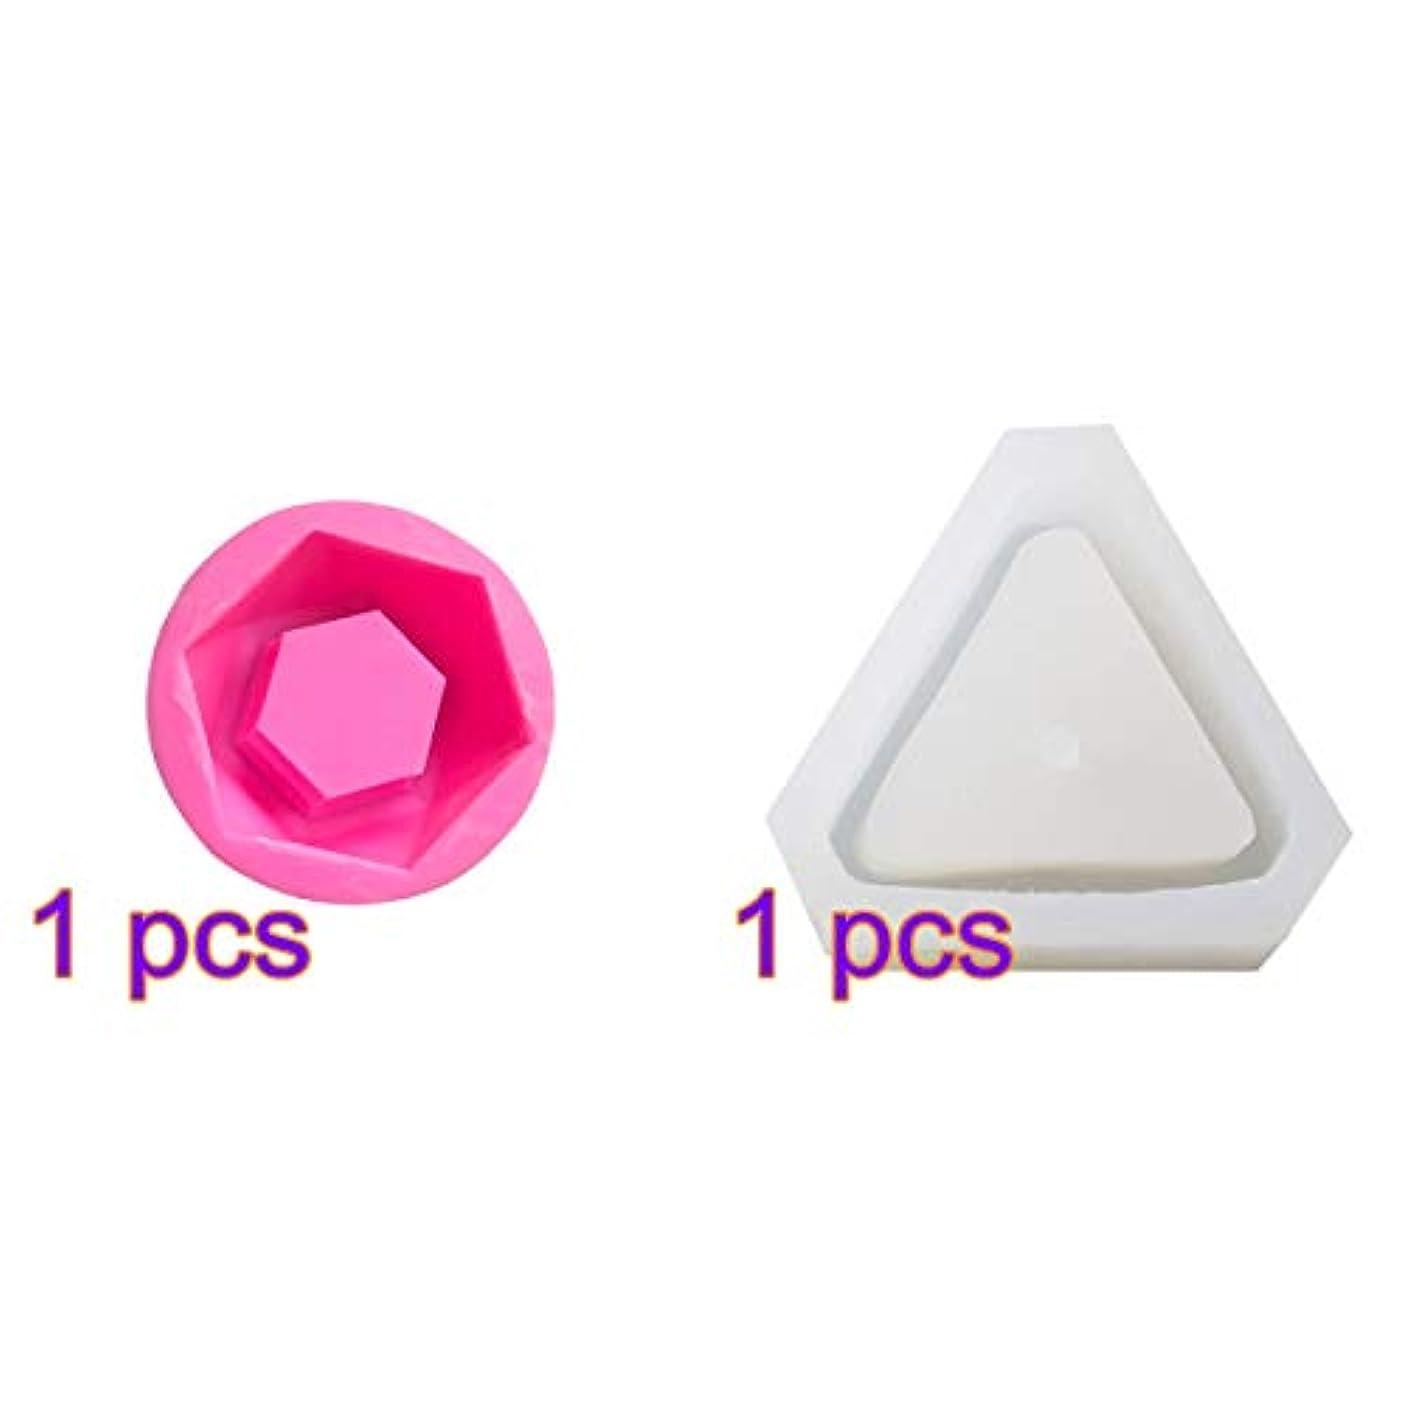 分離する相反する司教SUPVOX シリコーン金型多肉植物植物セメントプランター金型ホームインテリア(三角形+ダイヤモンド)